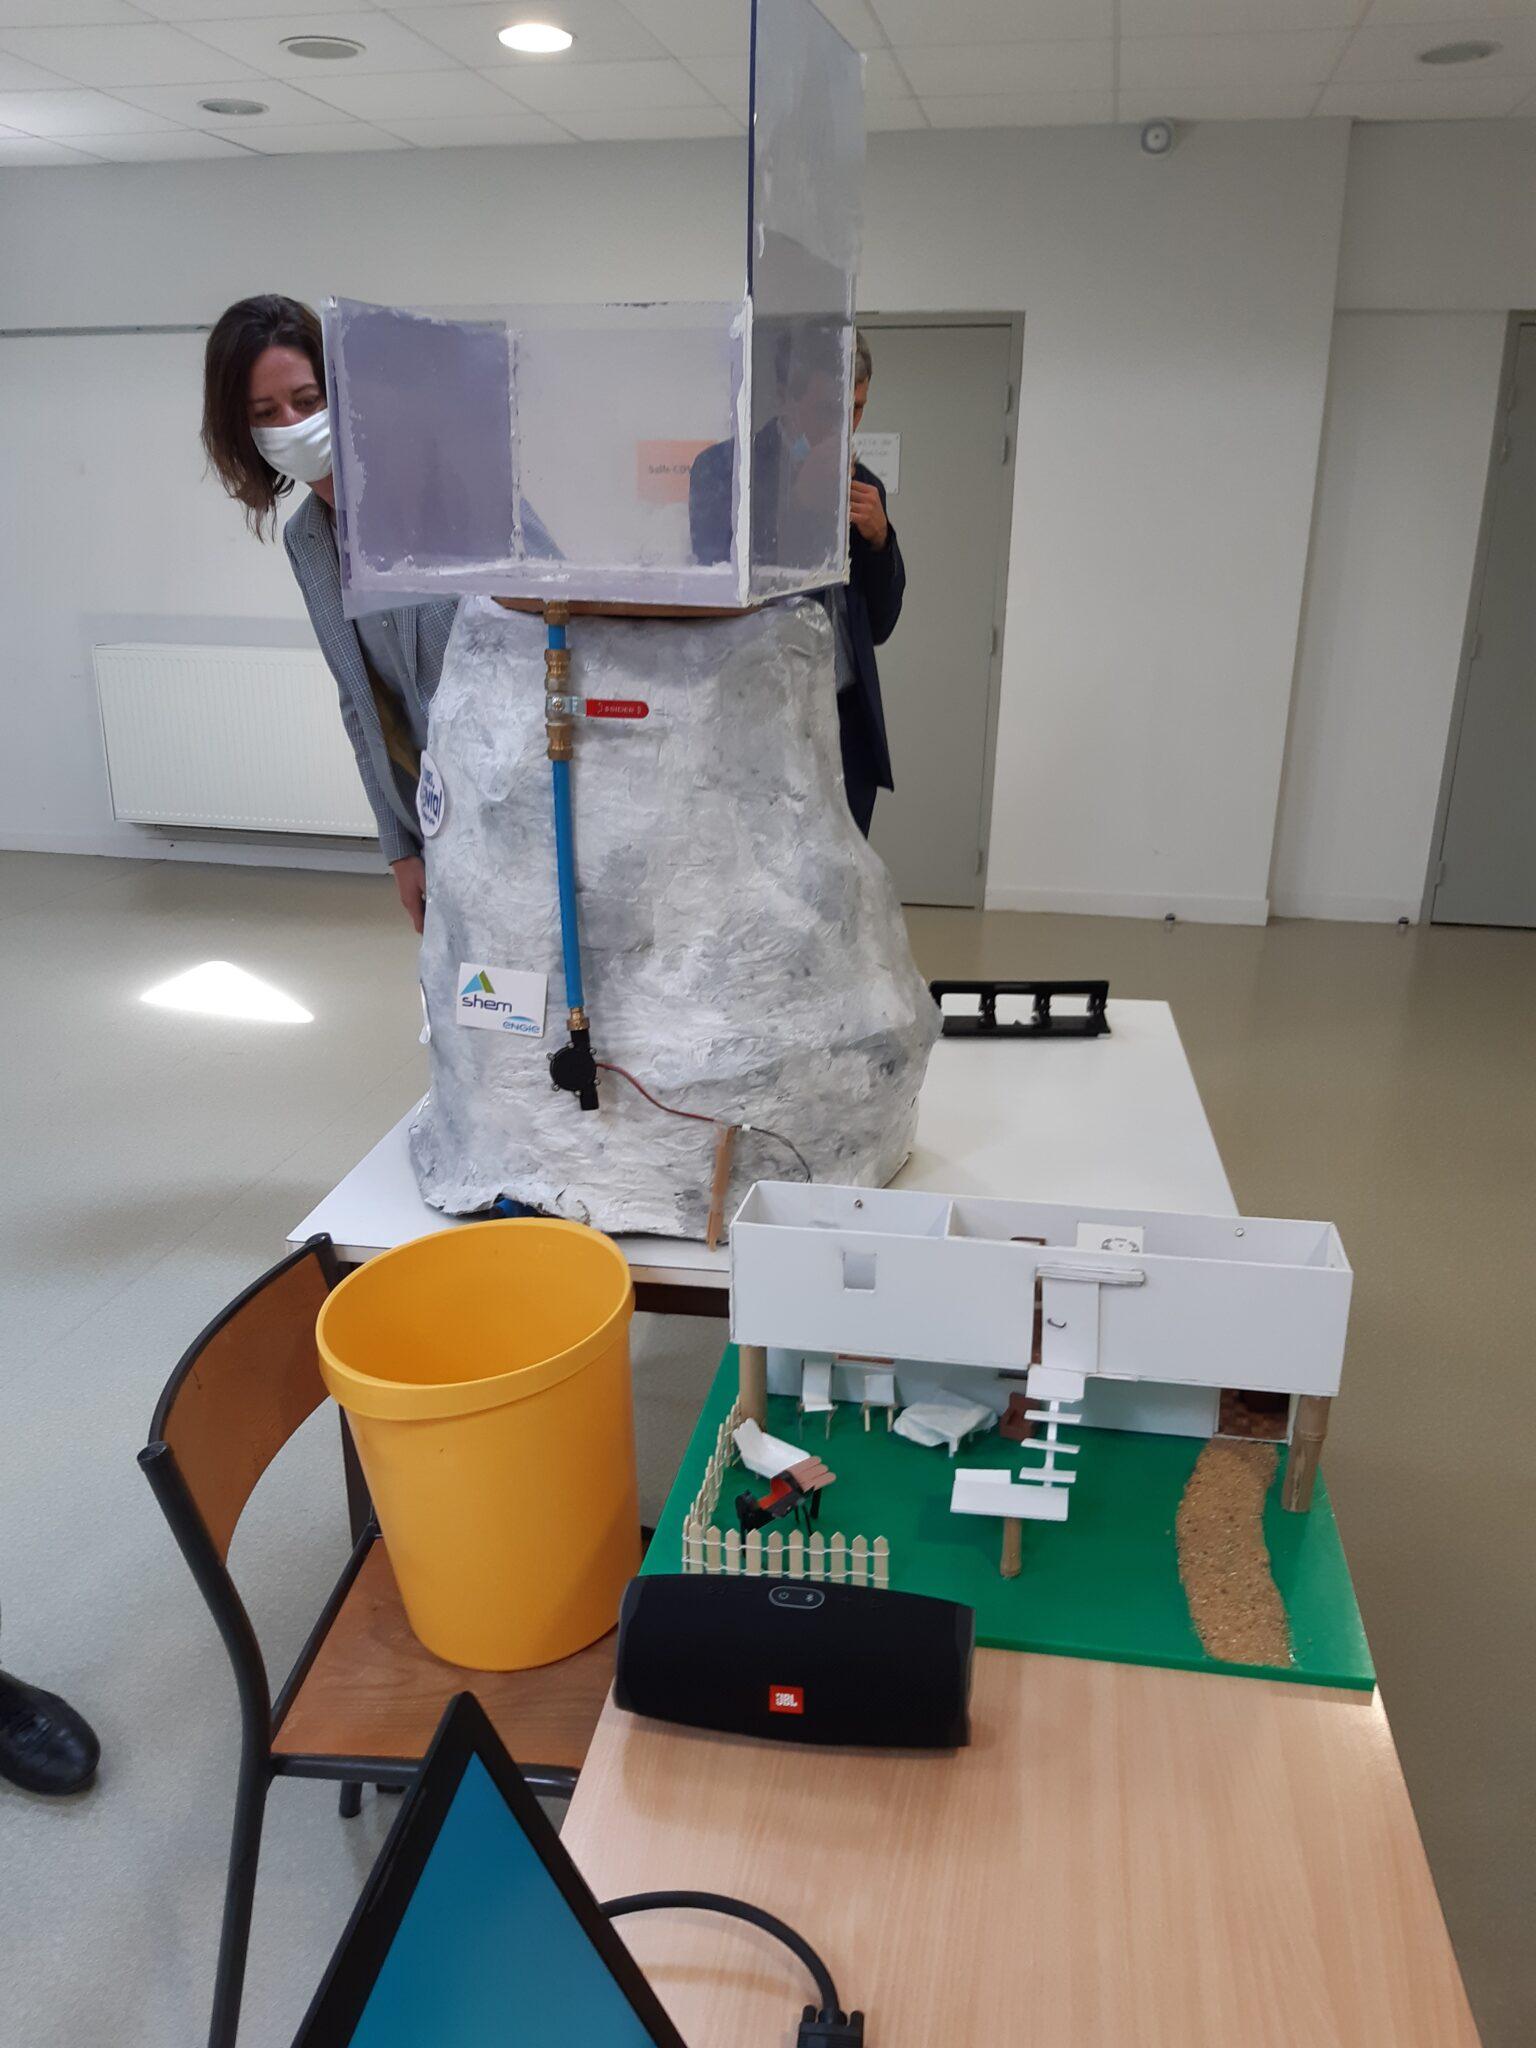 La SHEM aide les collégiens à découvrir les énergies renouvelables.